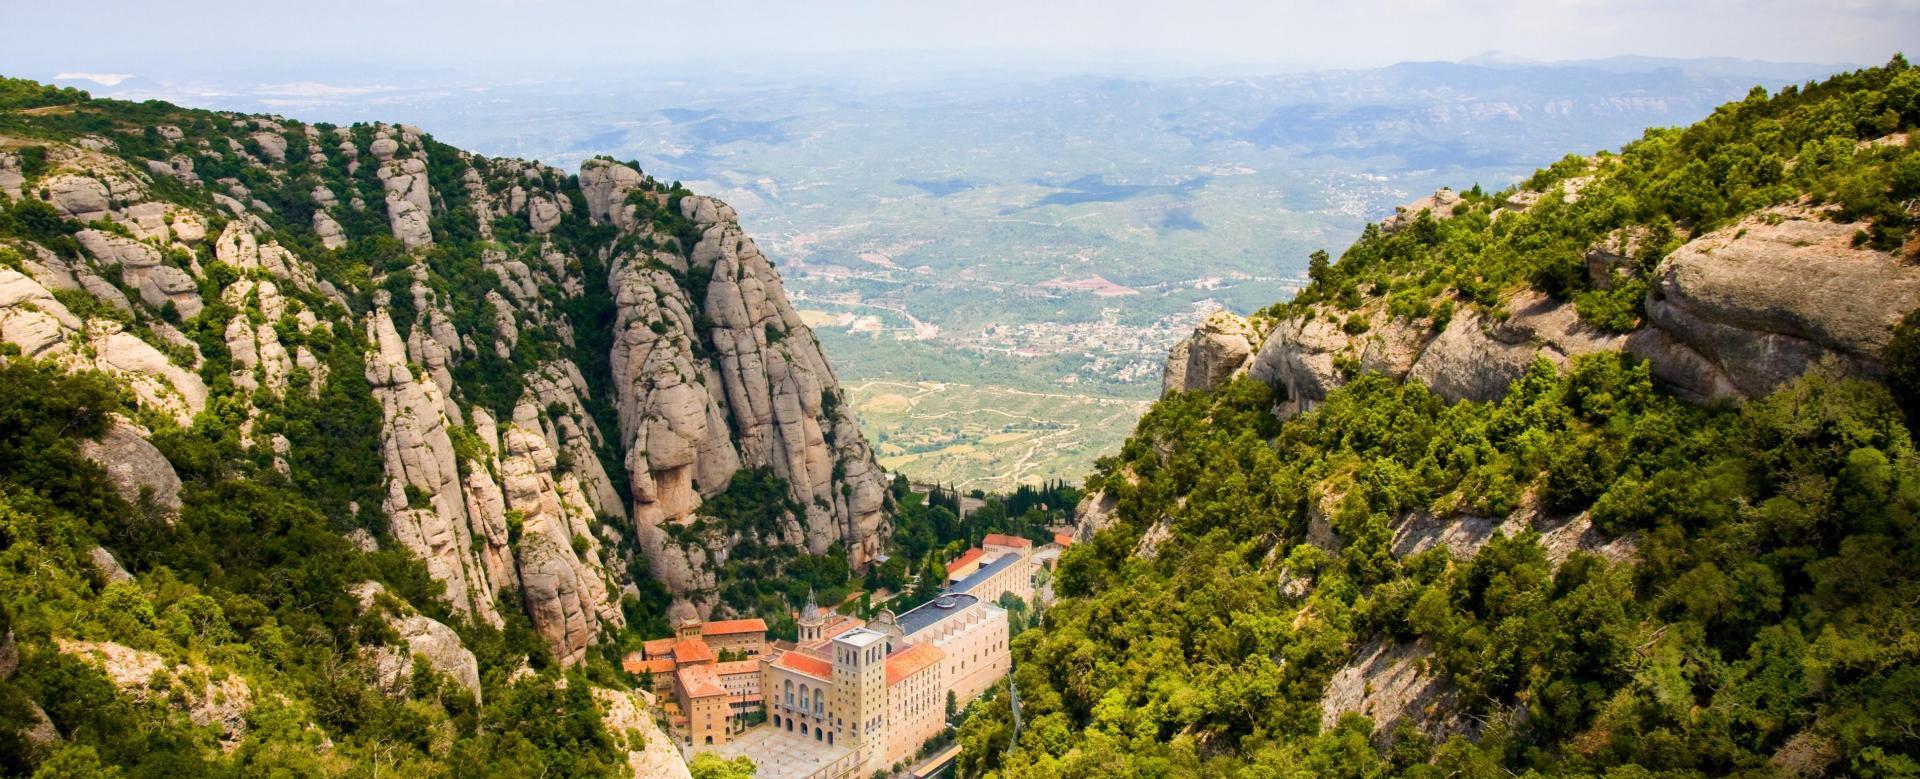 Voyage à pied : Montagnes de barcelone